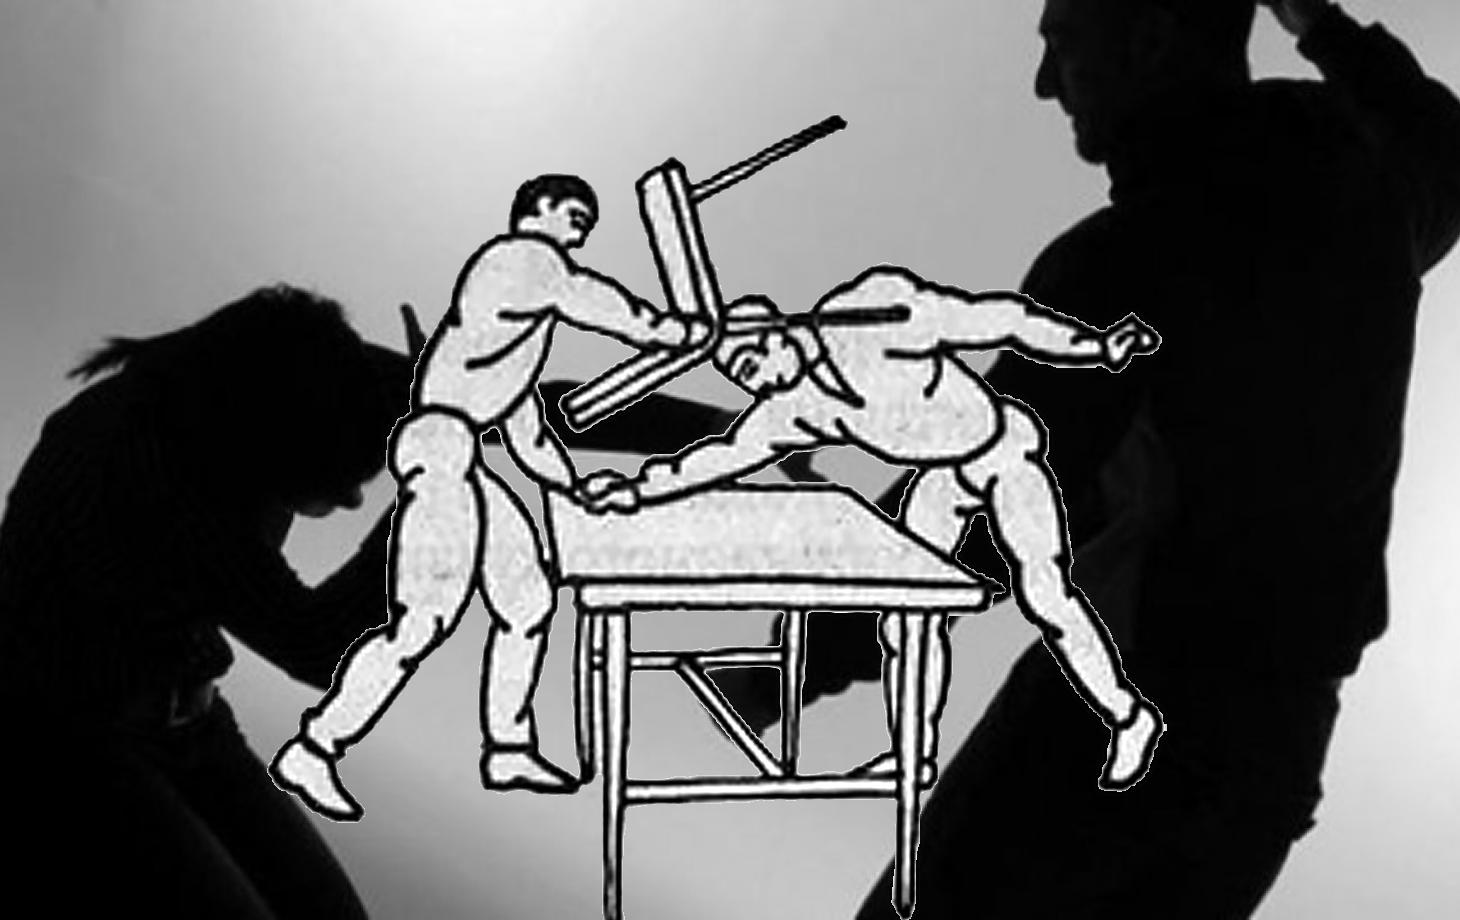 Под Киевом полицейскому об голову сломали служебный стул